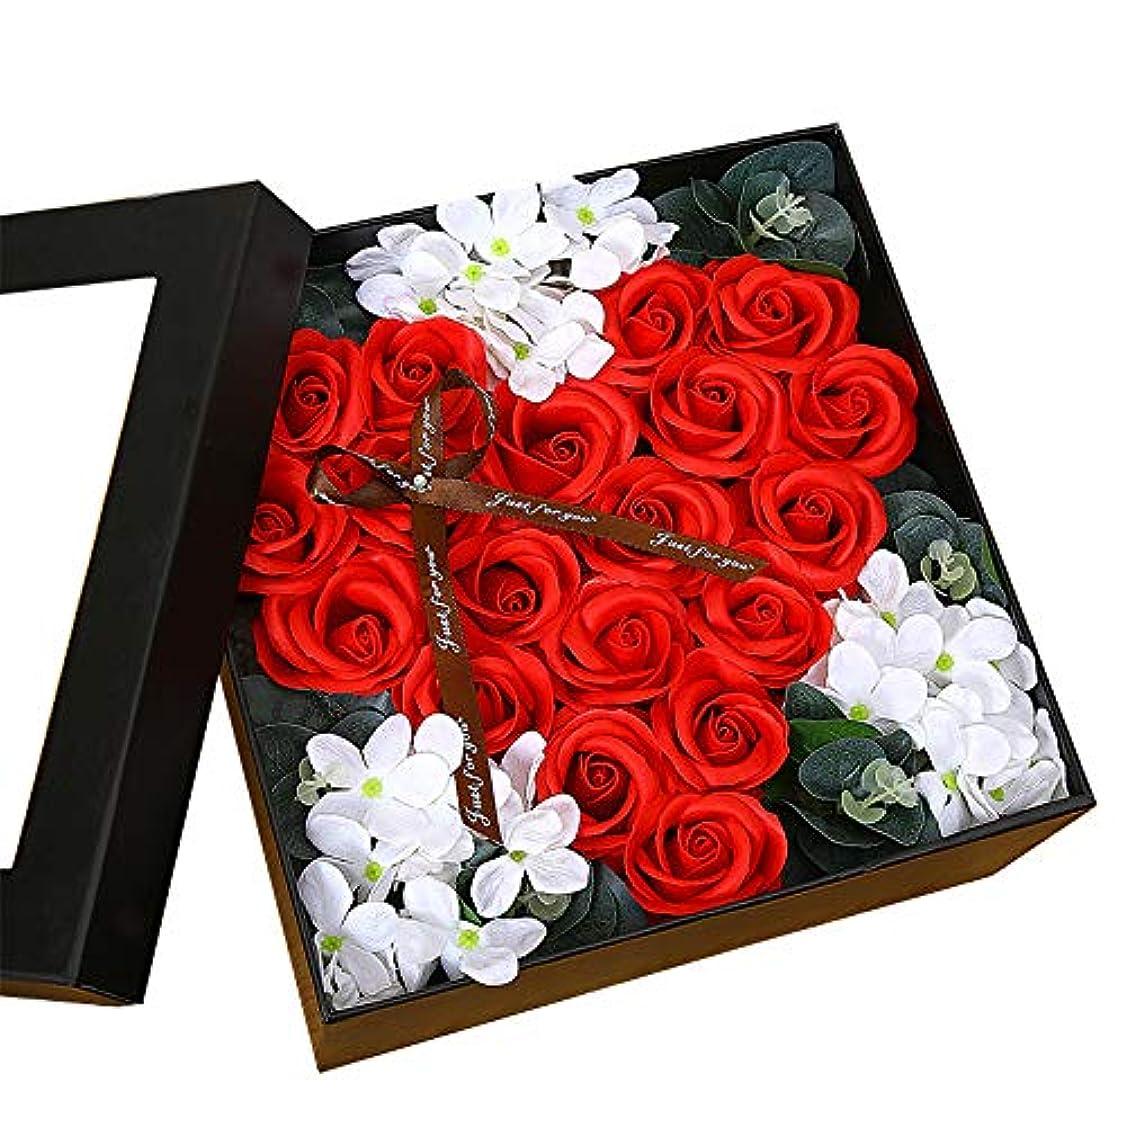 金属計算冷凍庫生地と花石鹸の花 ギフトソープフラワーローズフラワーバレンタインデーのために不可欠ガールフレンド記念日誕生日母の日 (色 : Red square box)